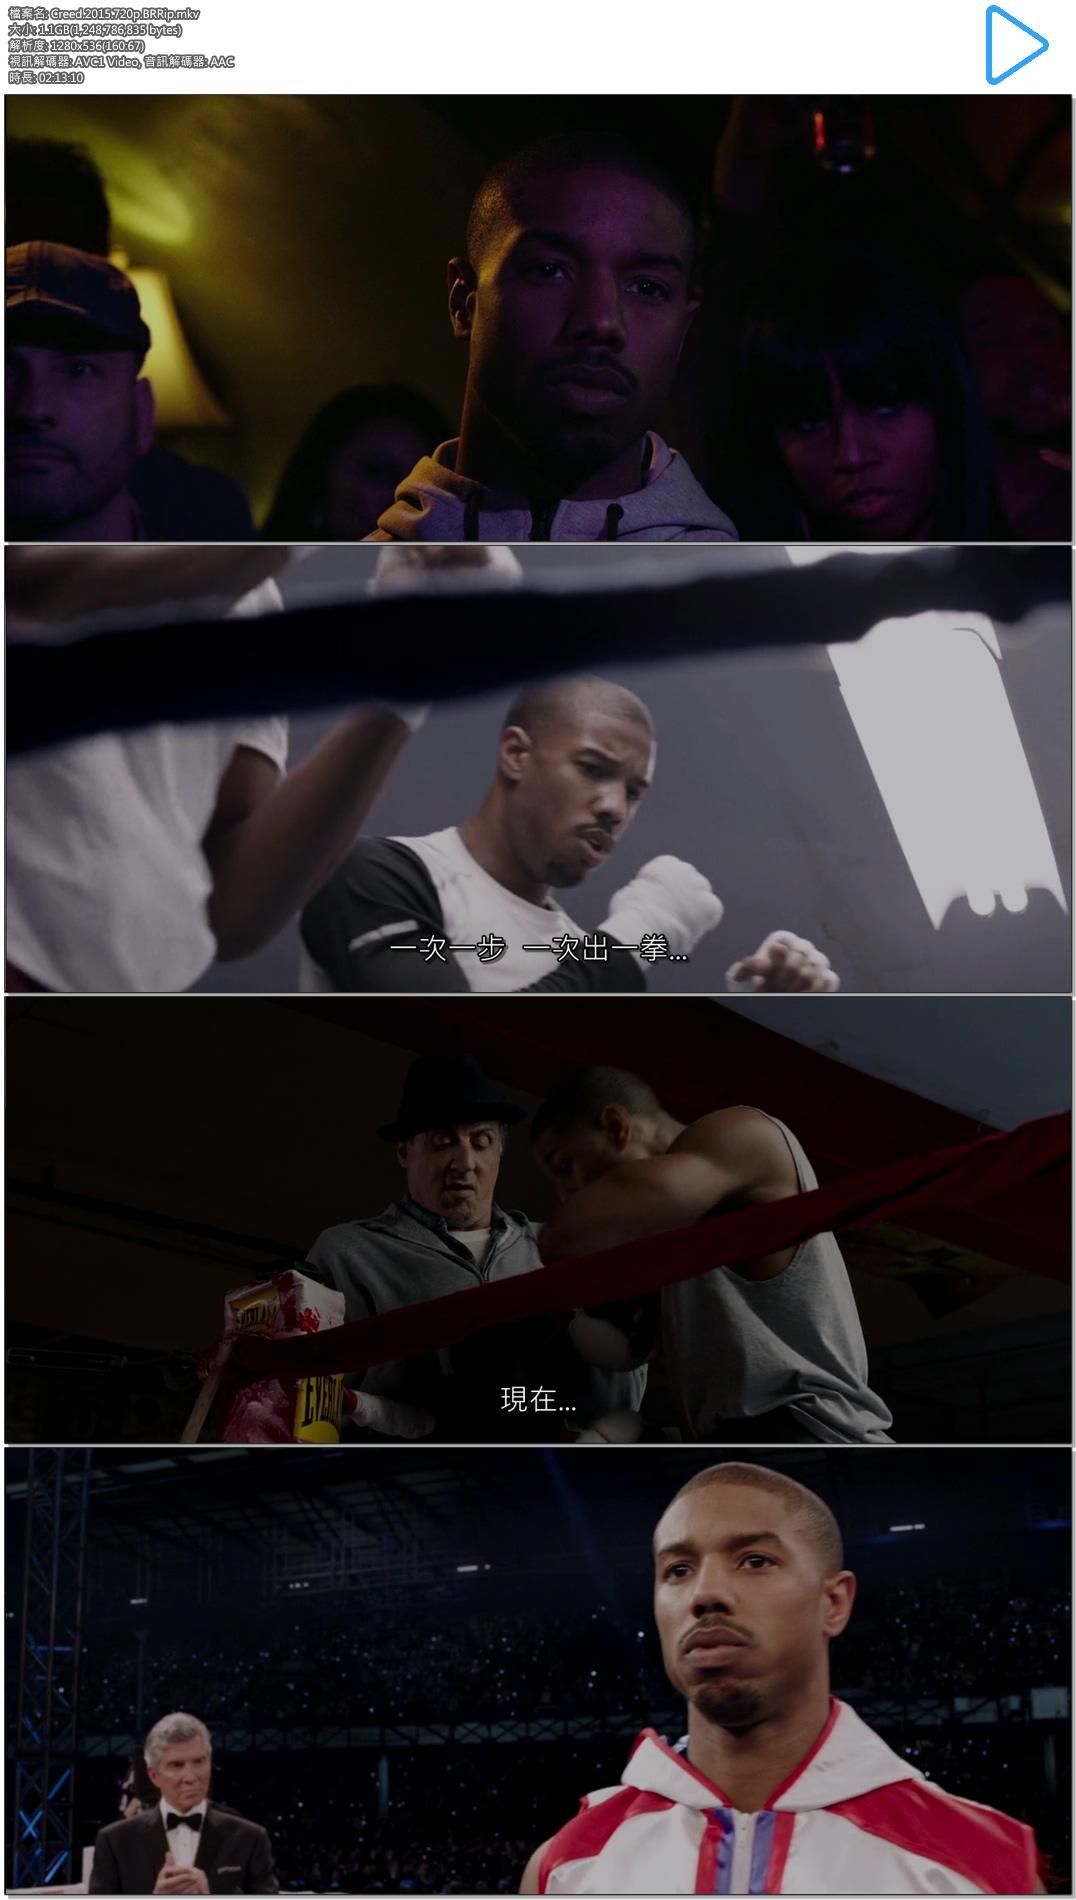 奎迪 / 洛奇7 / 金牌拳手 Creed